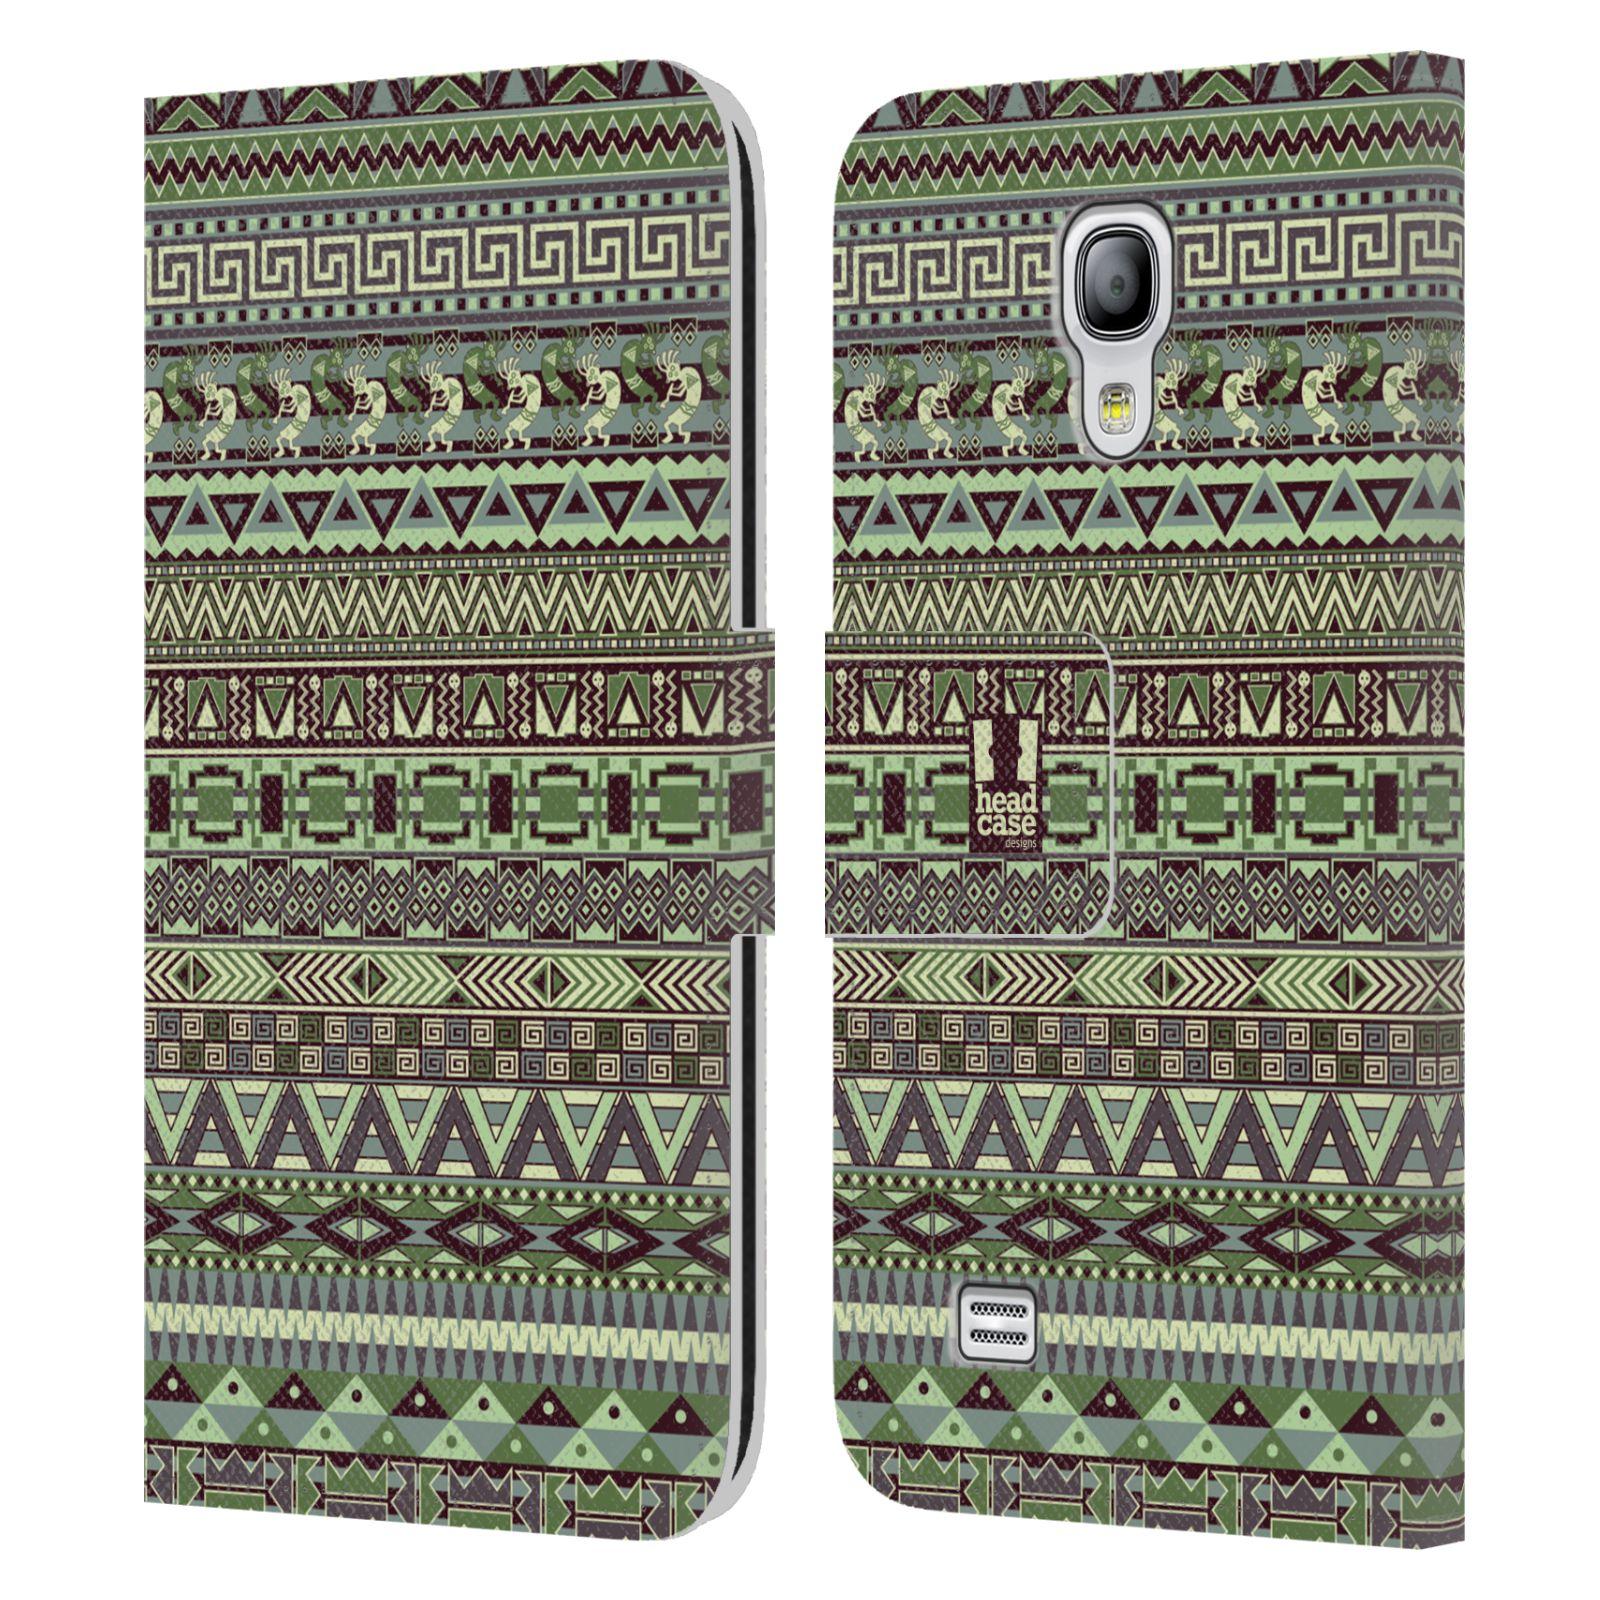 HEAD CASE Flipové pouzdro pro mobil Samsung Galaxy S4 MINI / S4 MINI DUOS Indiánský vzor GREEN zelená